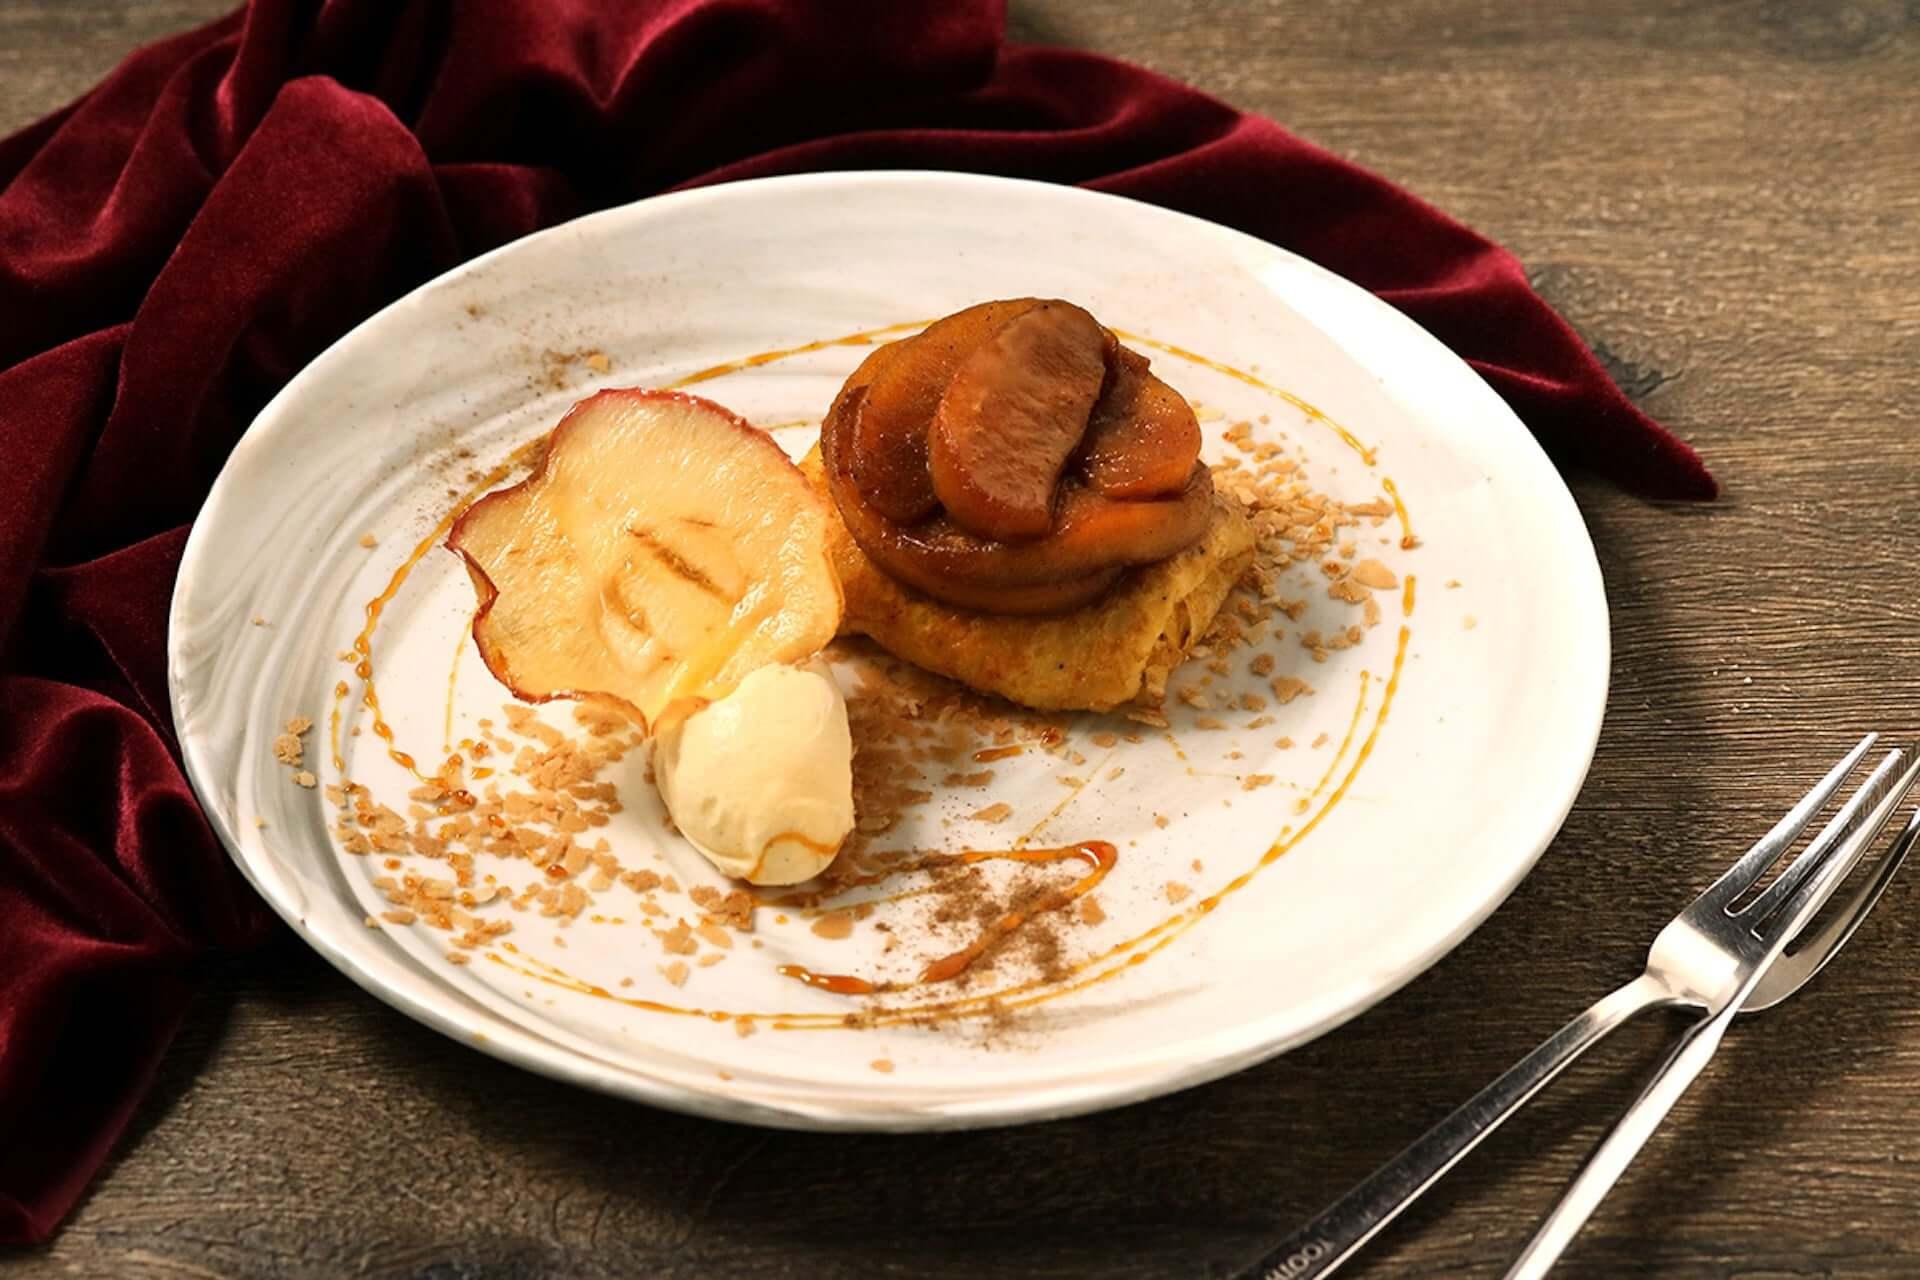 大人風味の果物クレープ&ドリンクがTOOTH TOOTH TOKYOのカフェ+ディナータイム限定で登場! gourmet200602_toothtoothtokyo_03-1920x1280